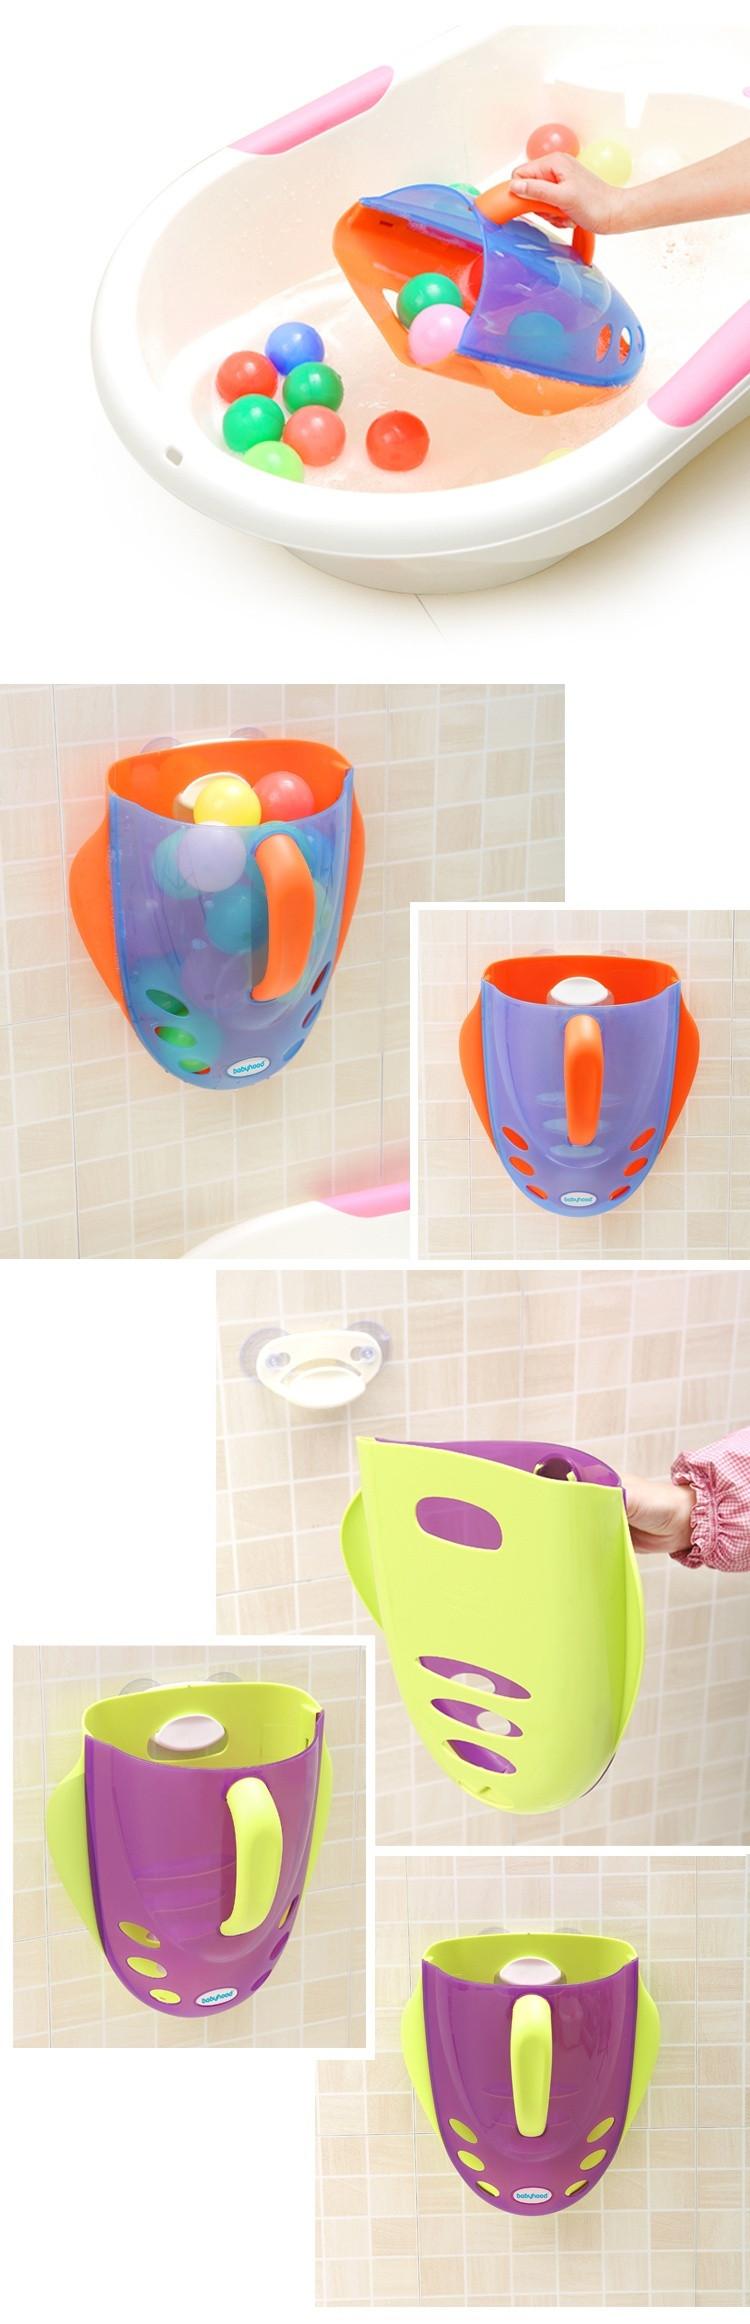 bath-toy-scoop-4